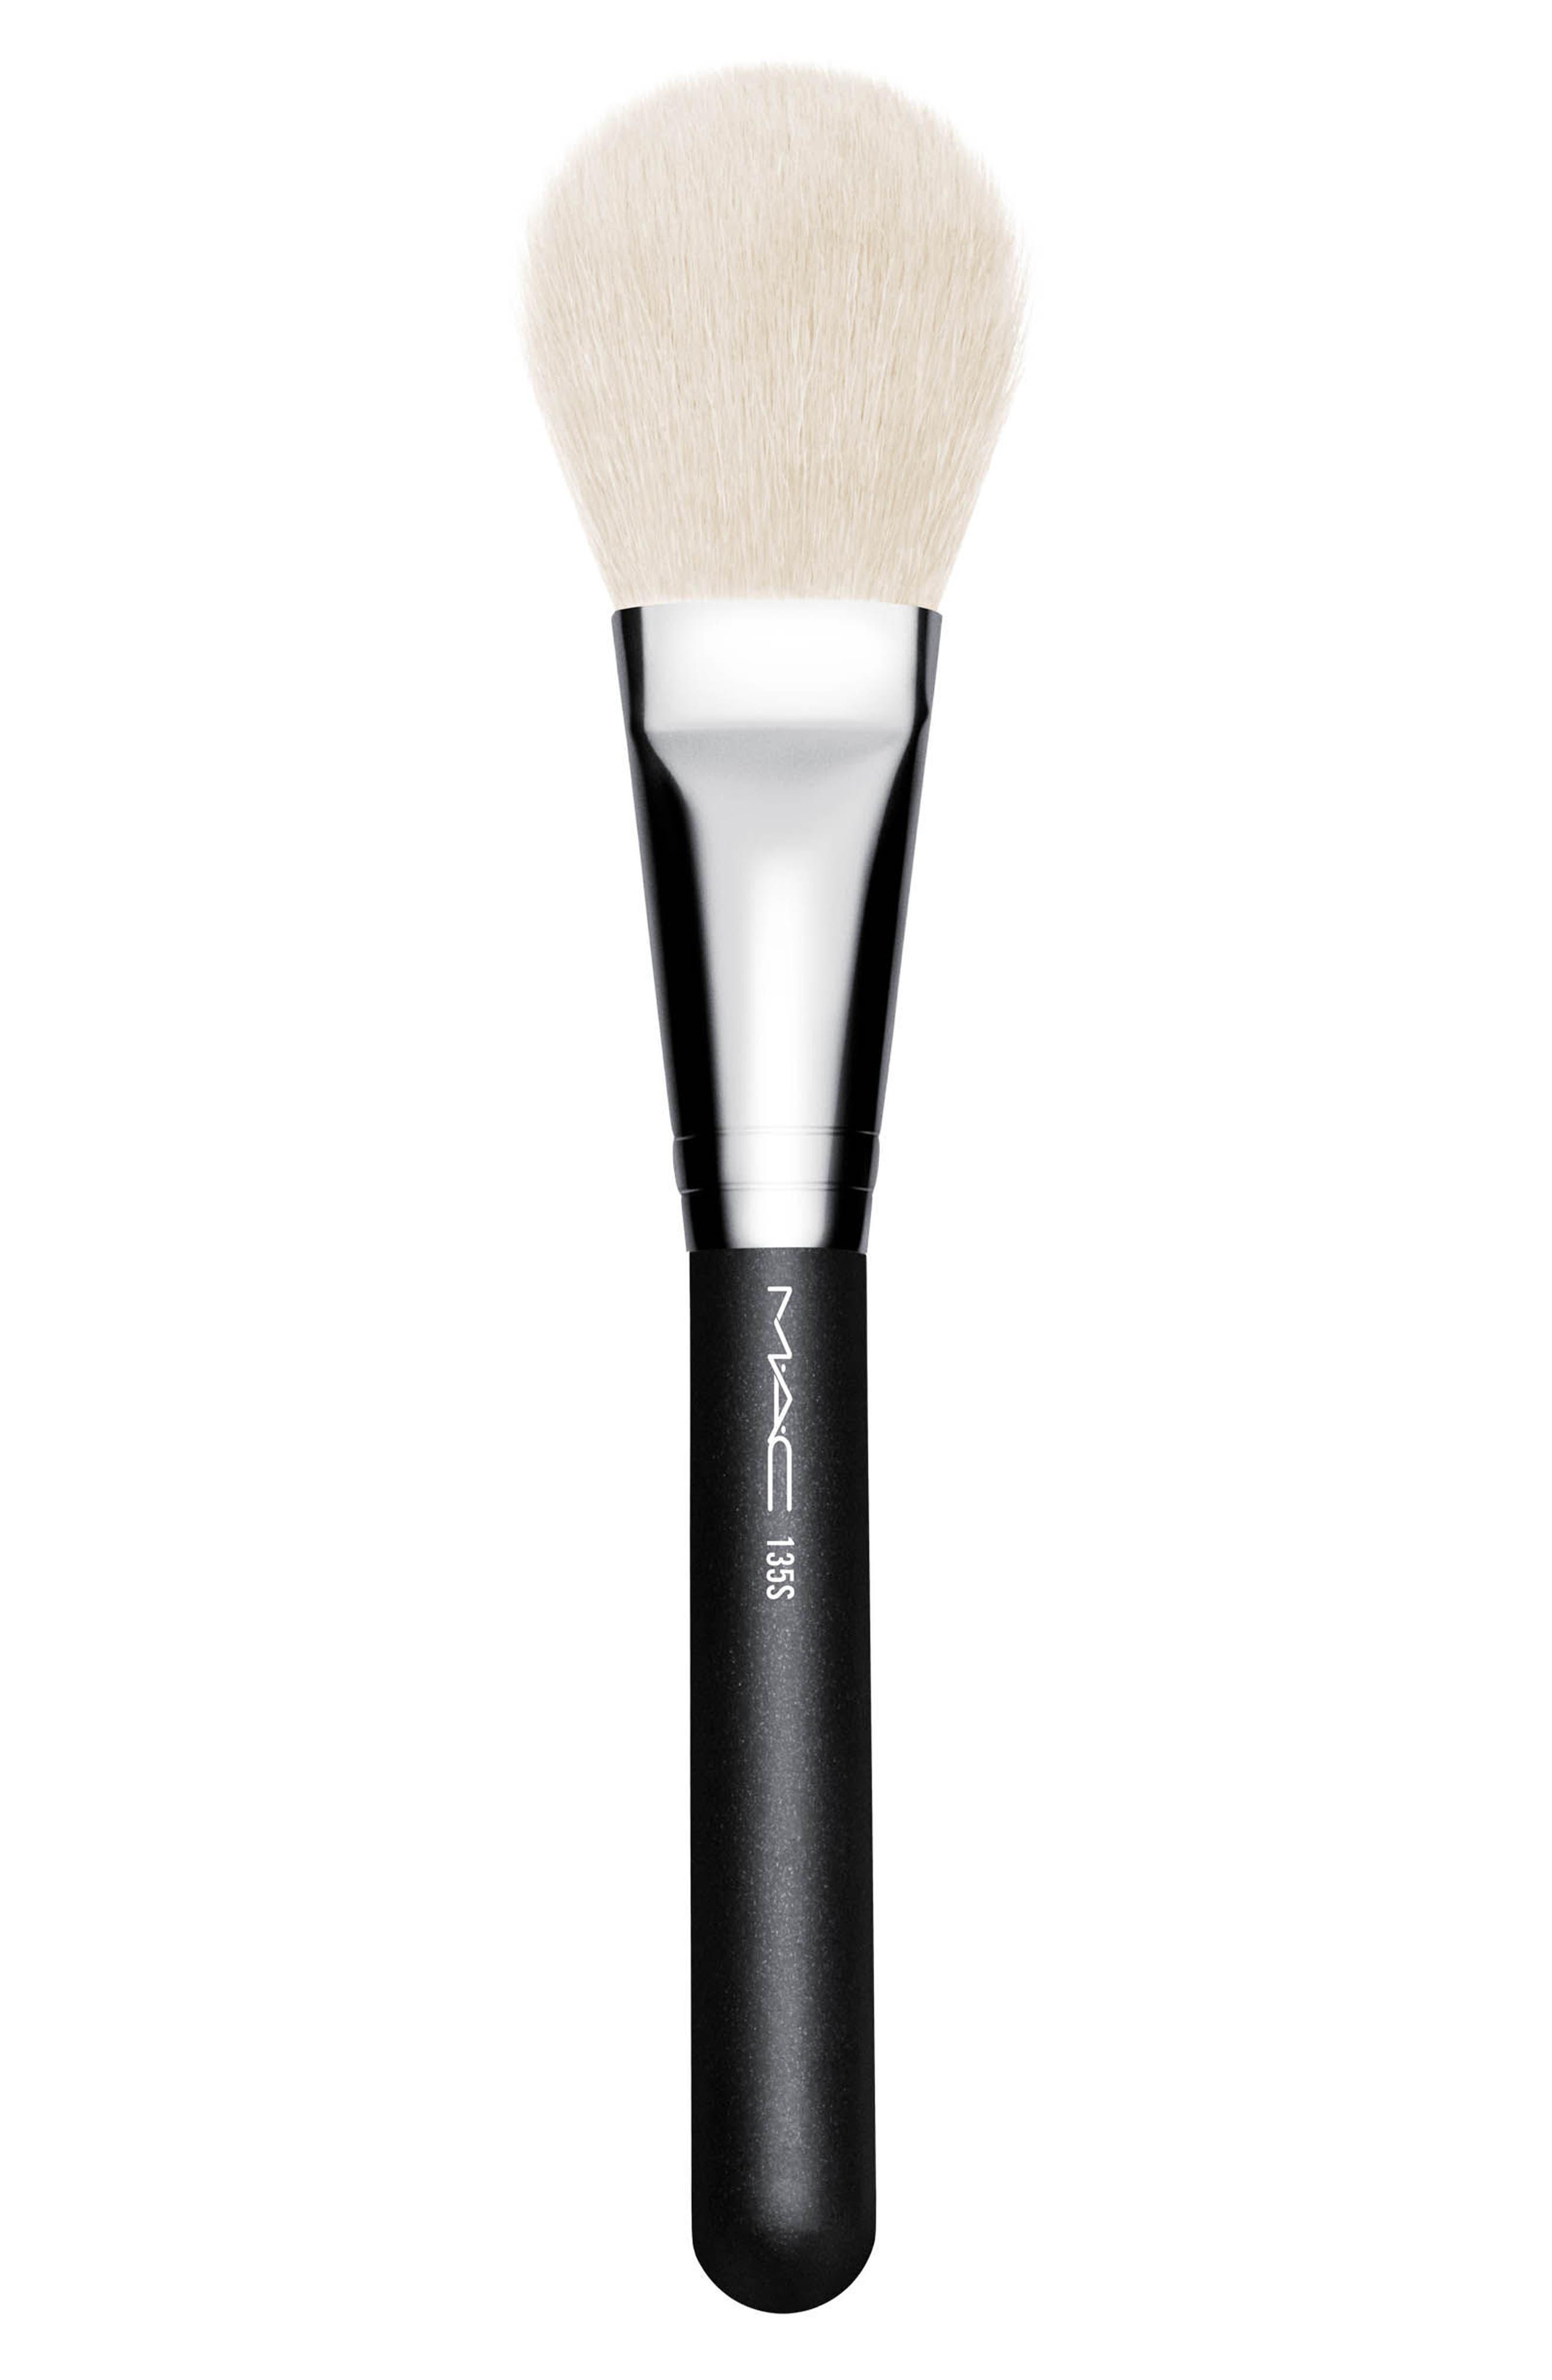 MAC 135S Synthetic Large Flat Powder Brush,                             Main thumbnail 1, color,                             NO COLOR